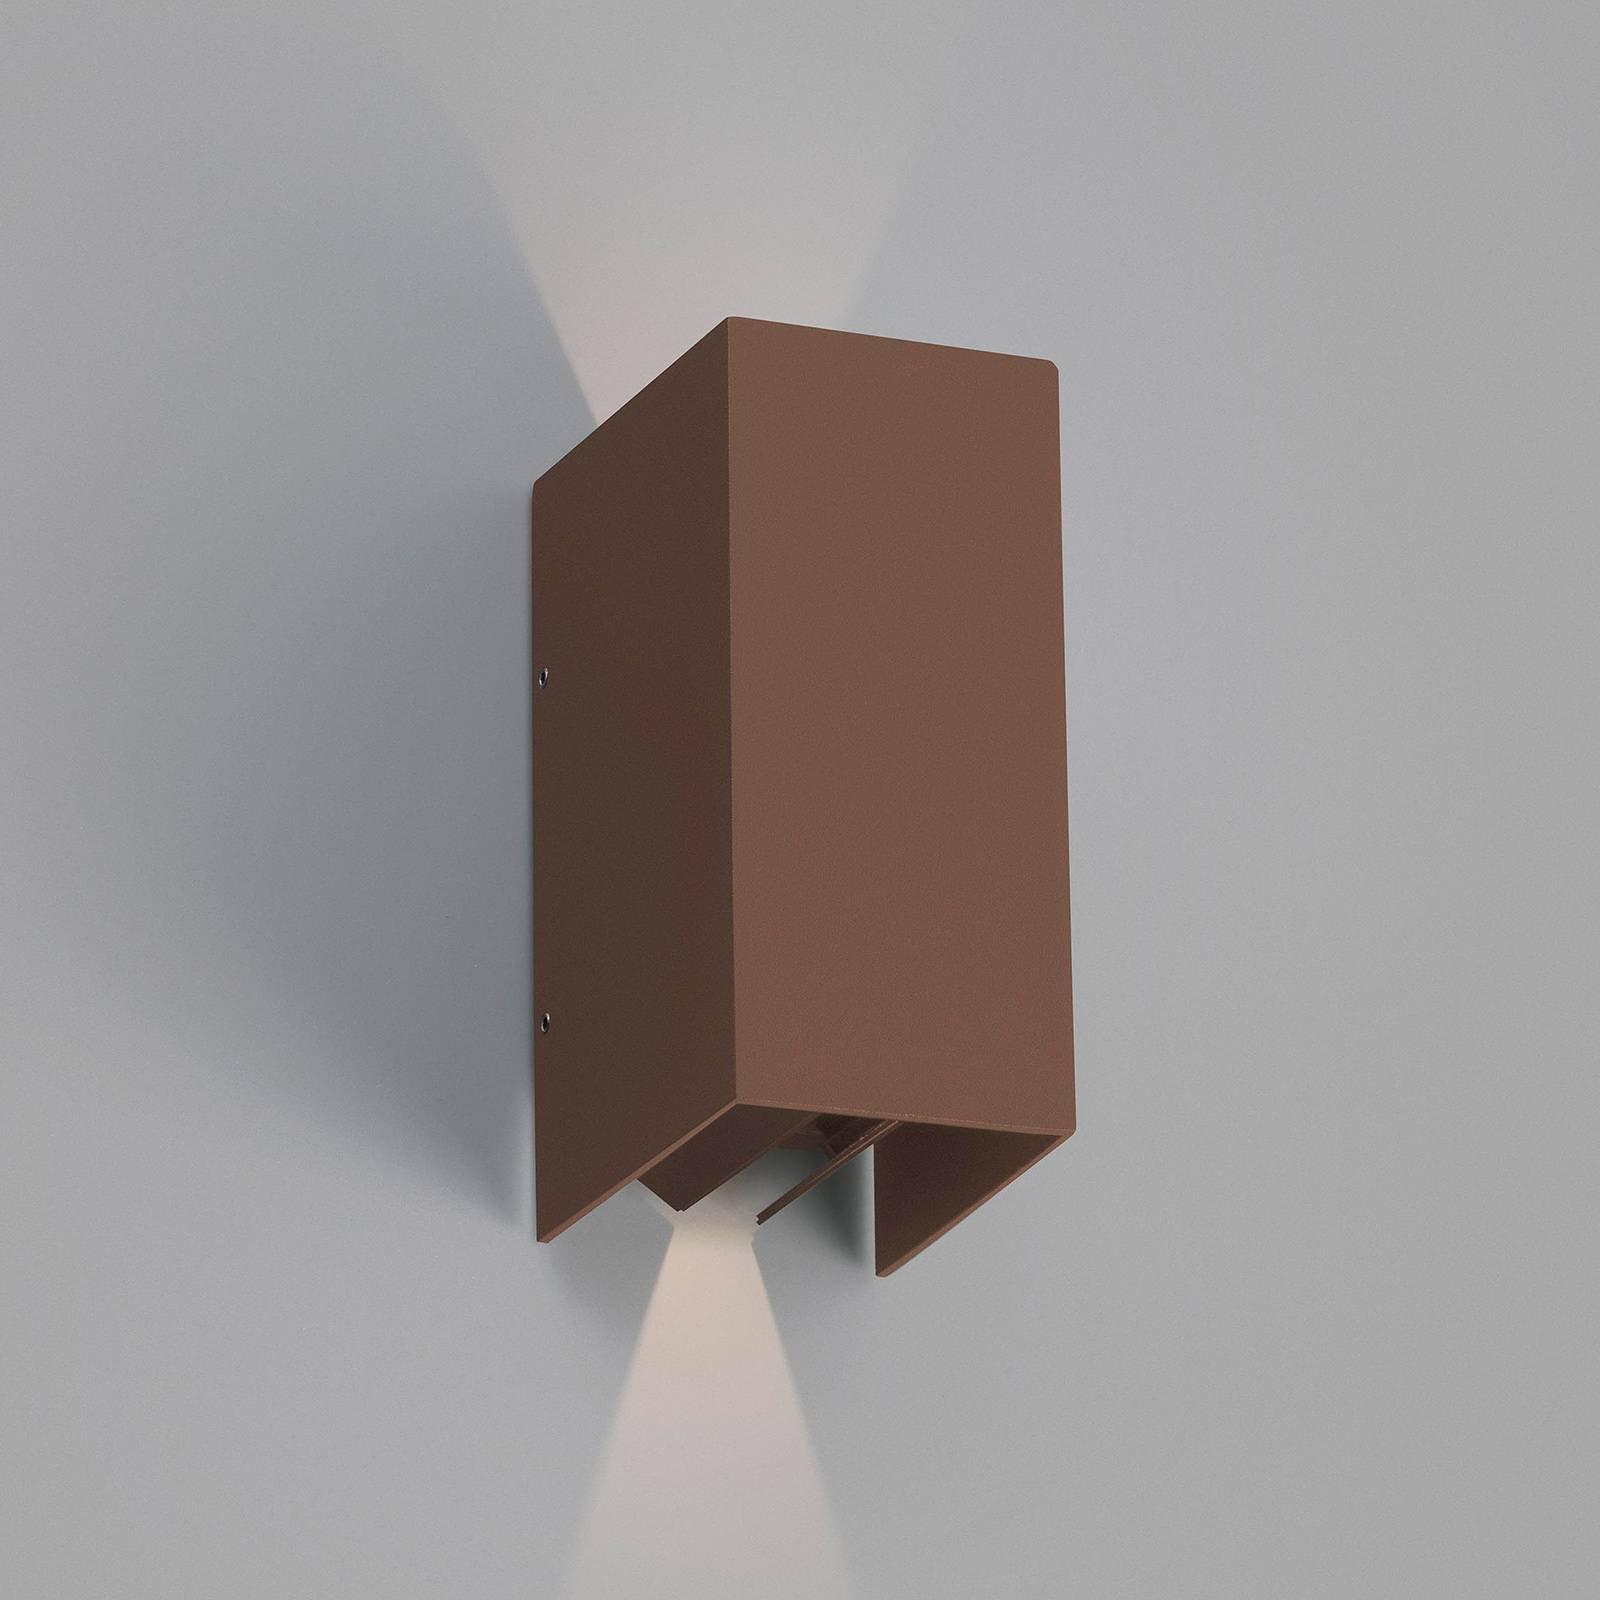 Utendørs LED-vegglampe Blind, rustbrun